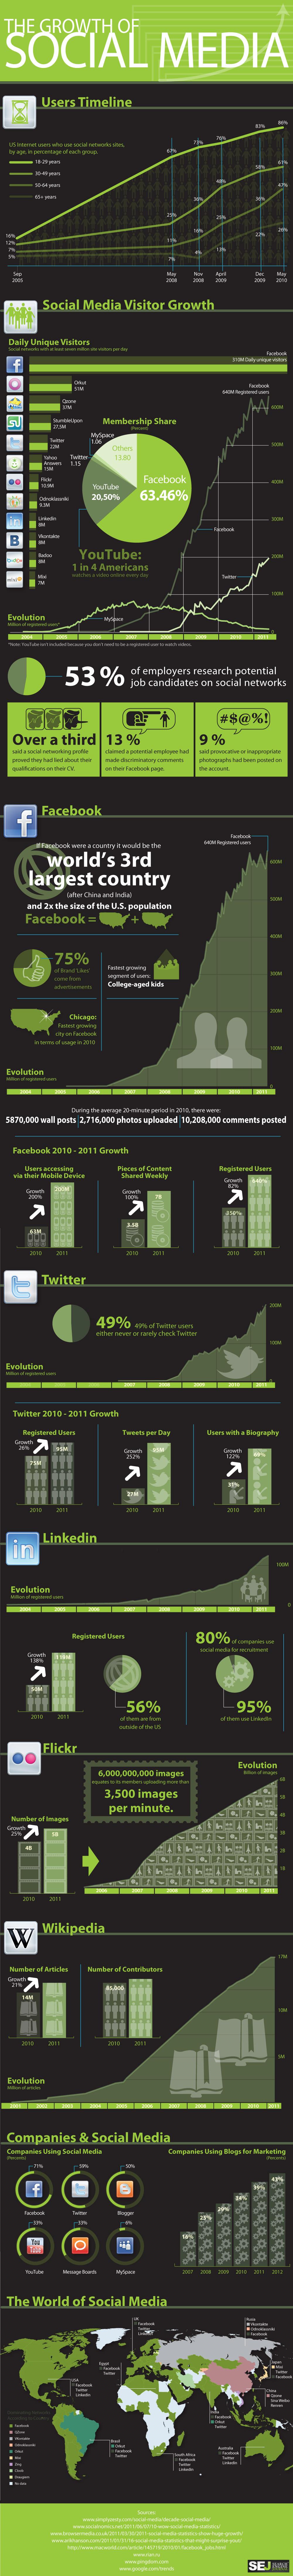 Een infographic die de social media groei weergeeft.